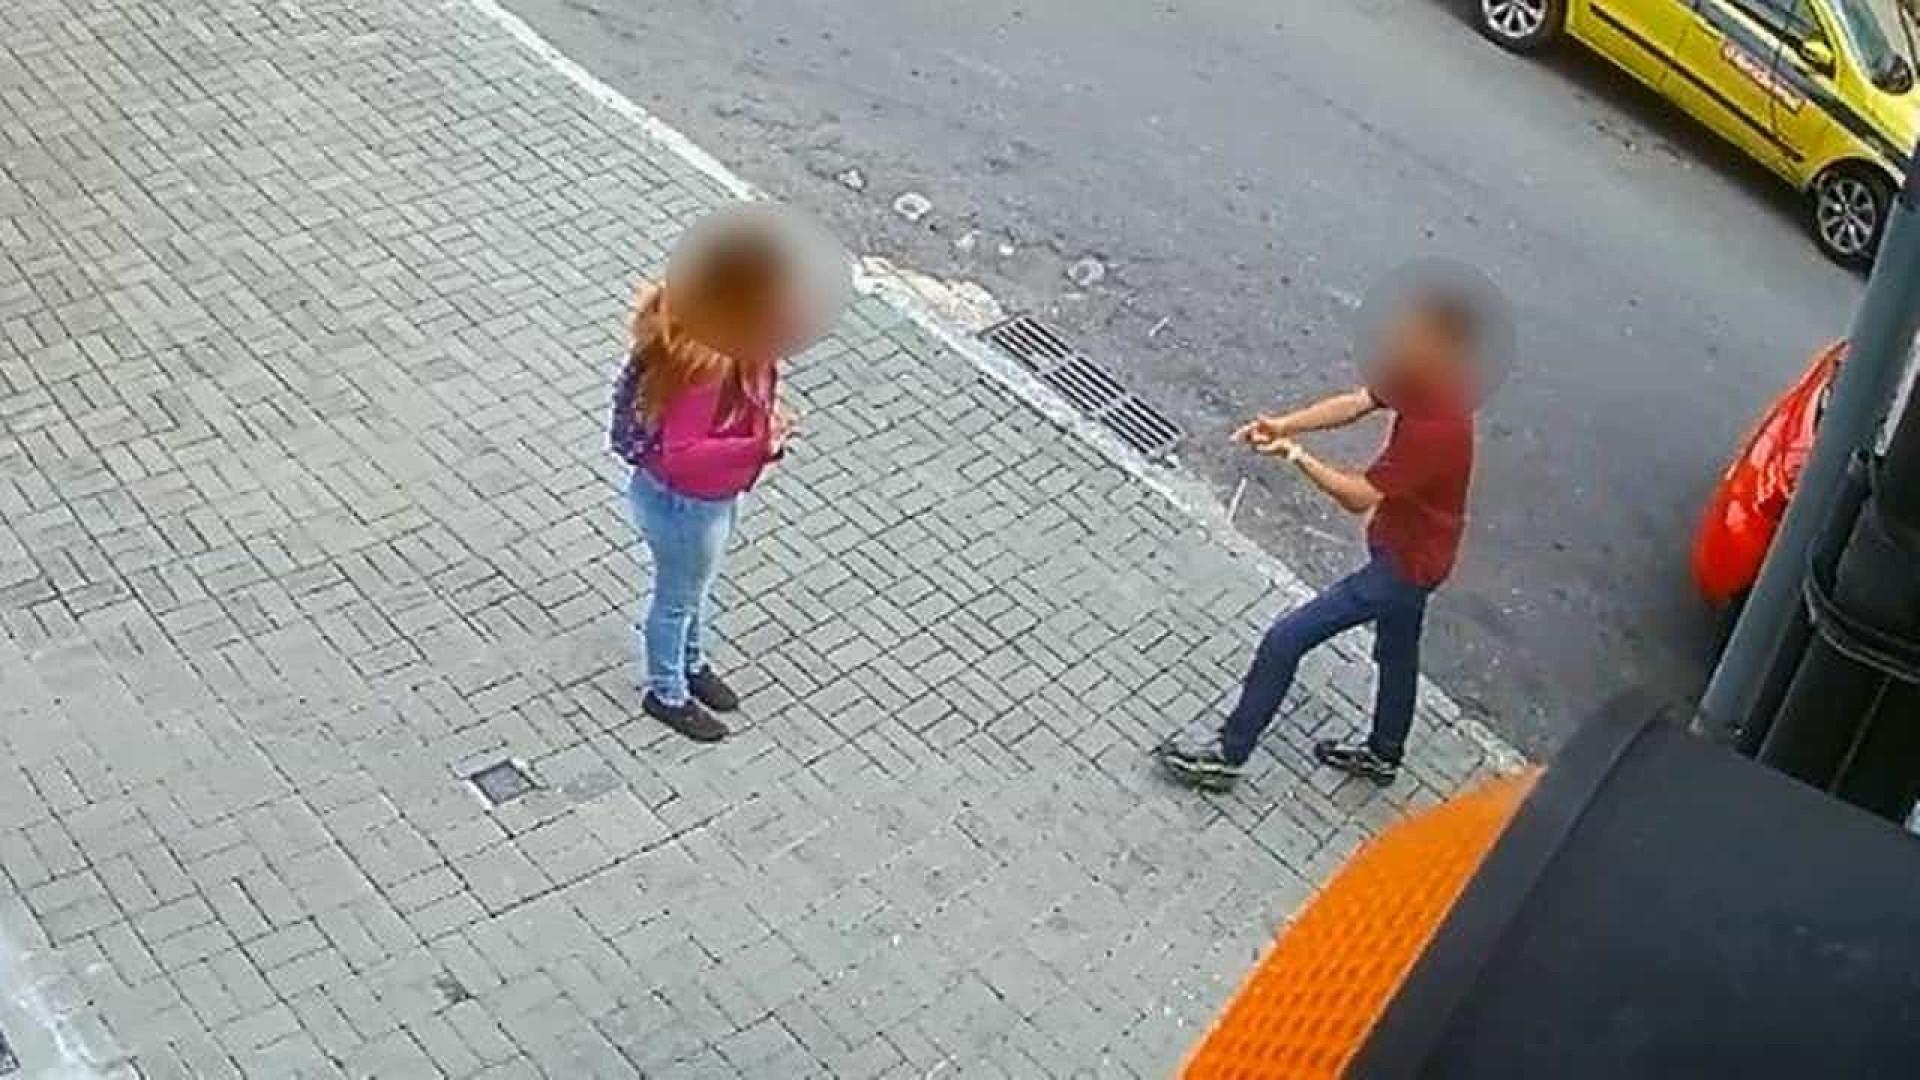 'Assalto a dedo' no Rio de Janeiro repercute nas redes sociais